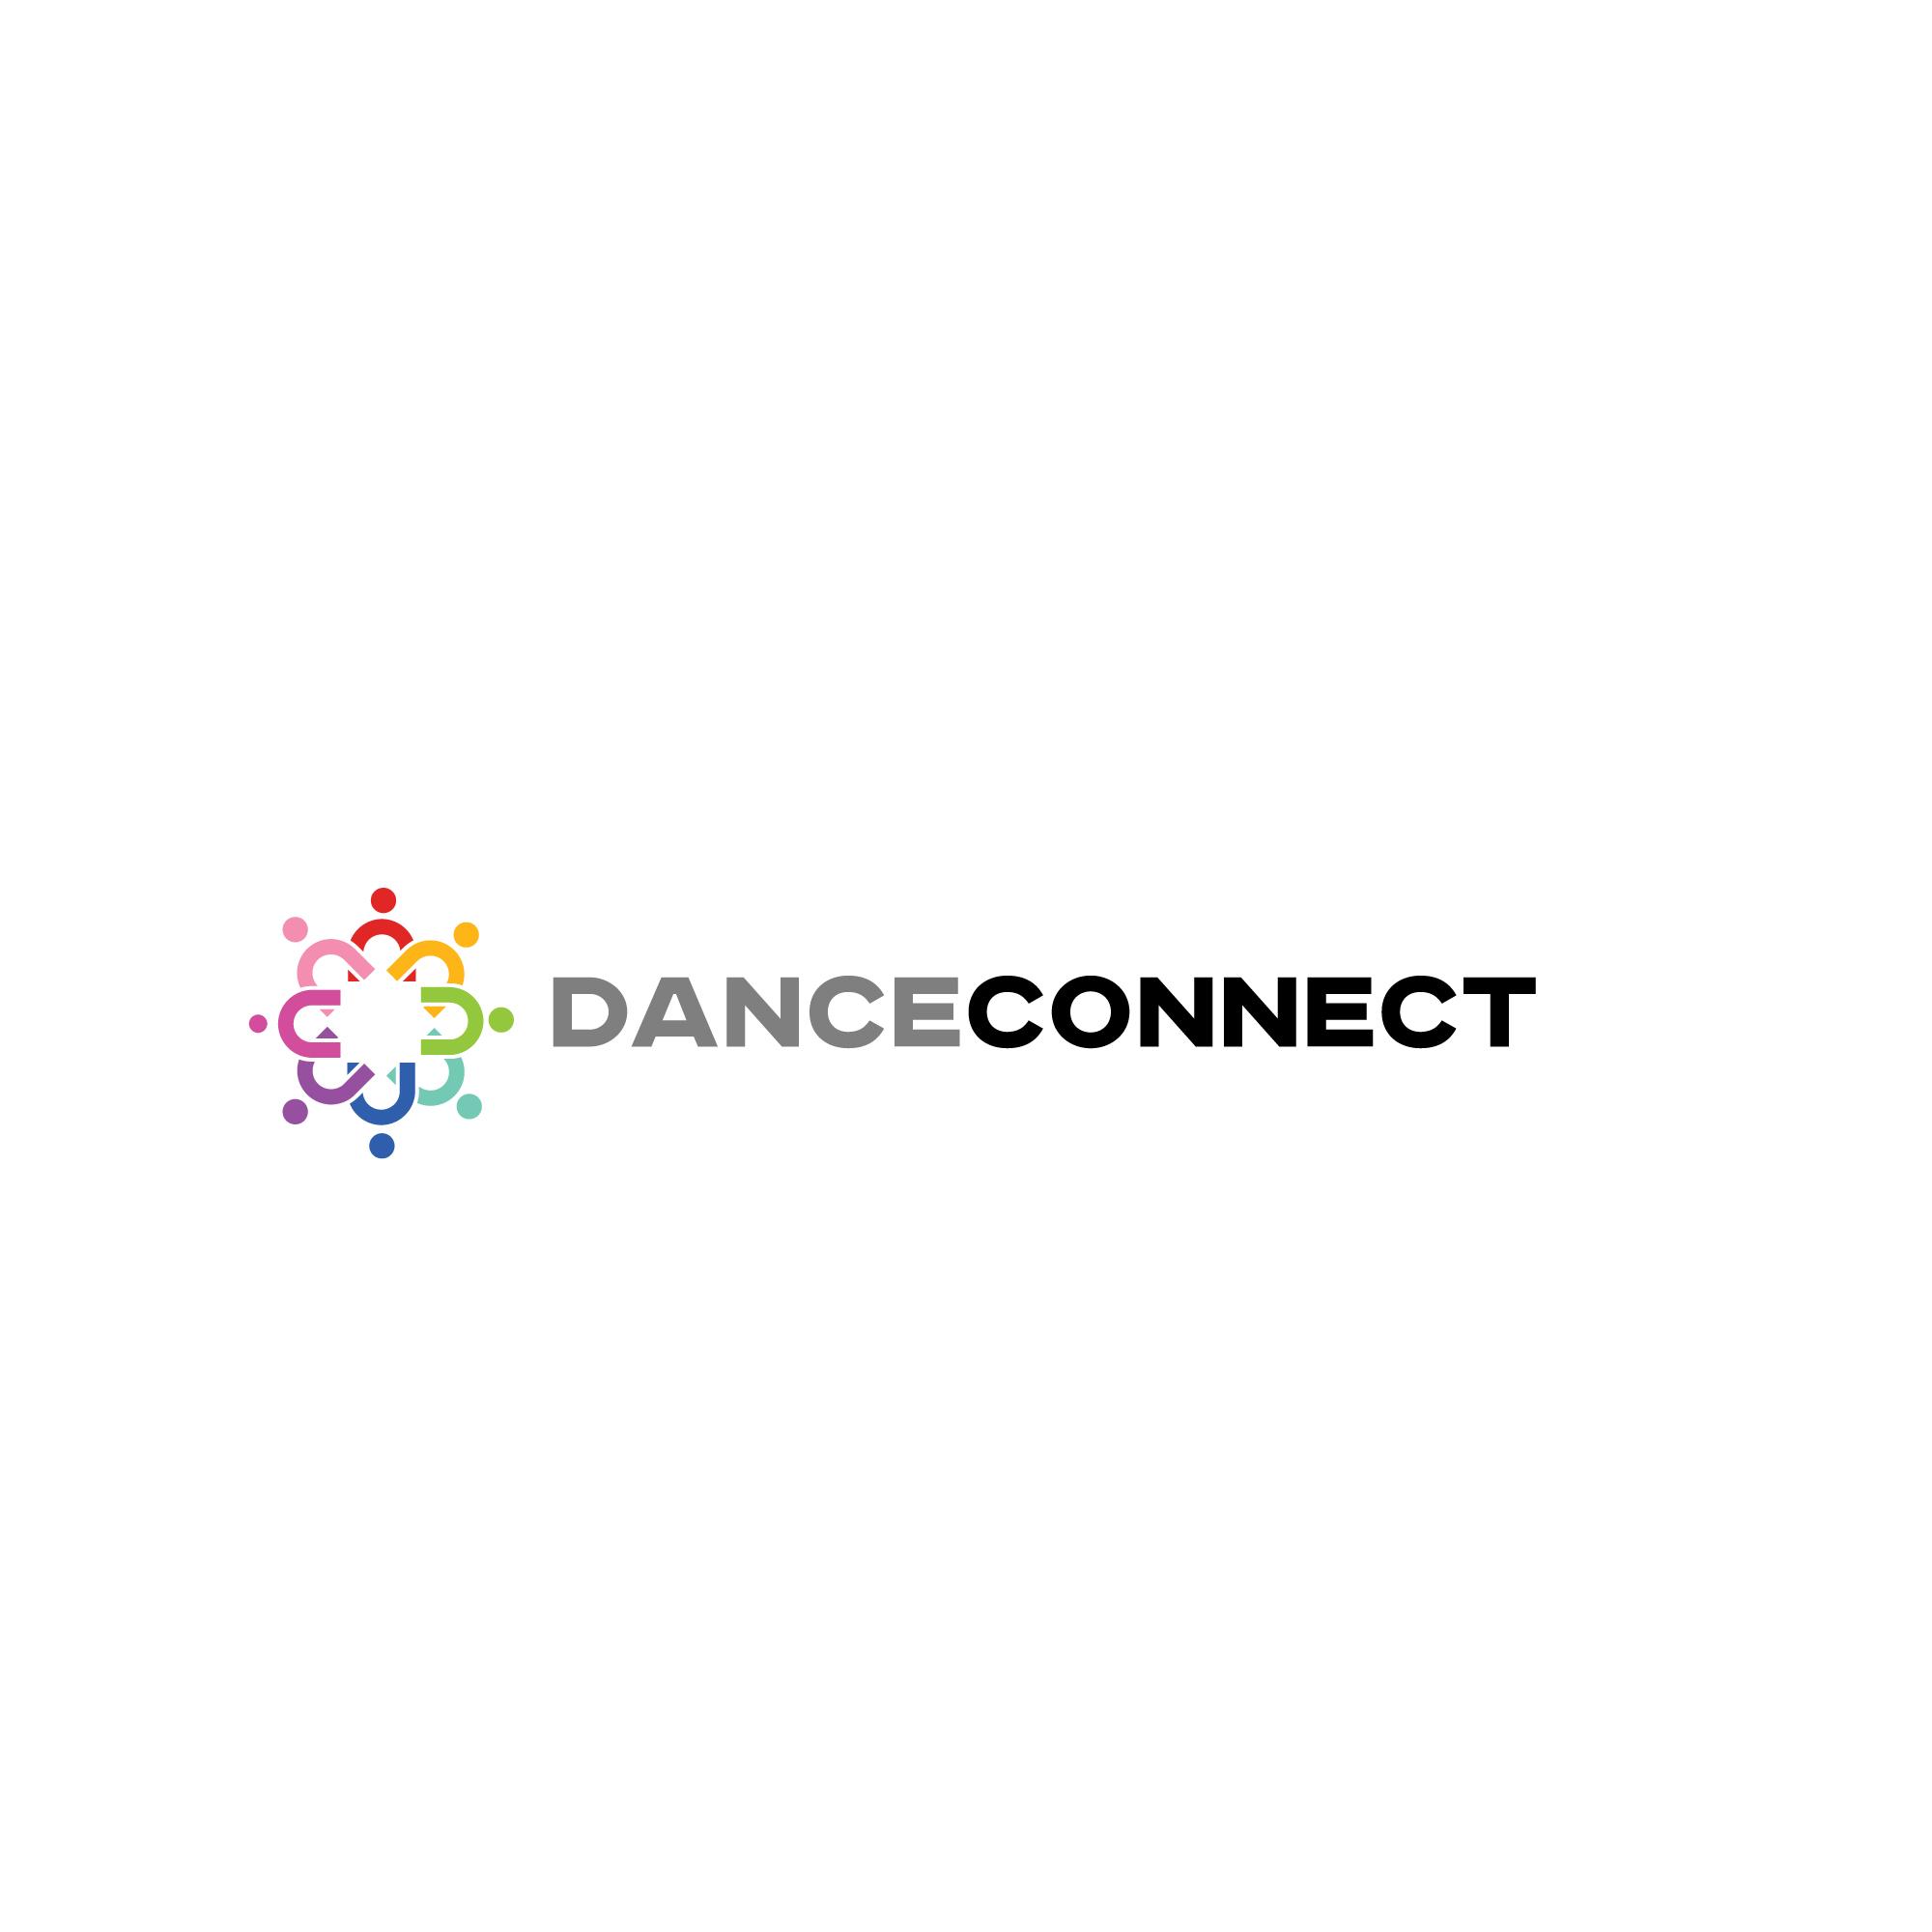 Разработка лого для спортивного портала www.danceconnect.ru фото f_1105b43822e93f1b.jpg